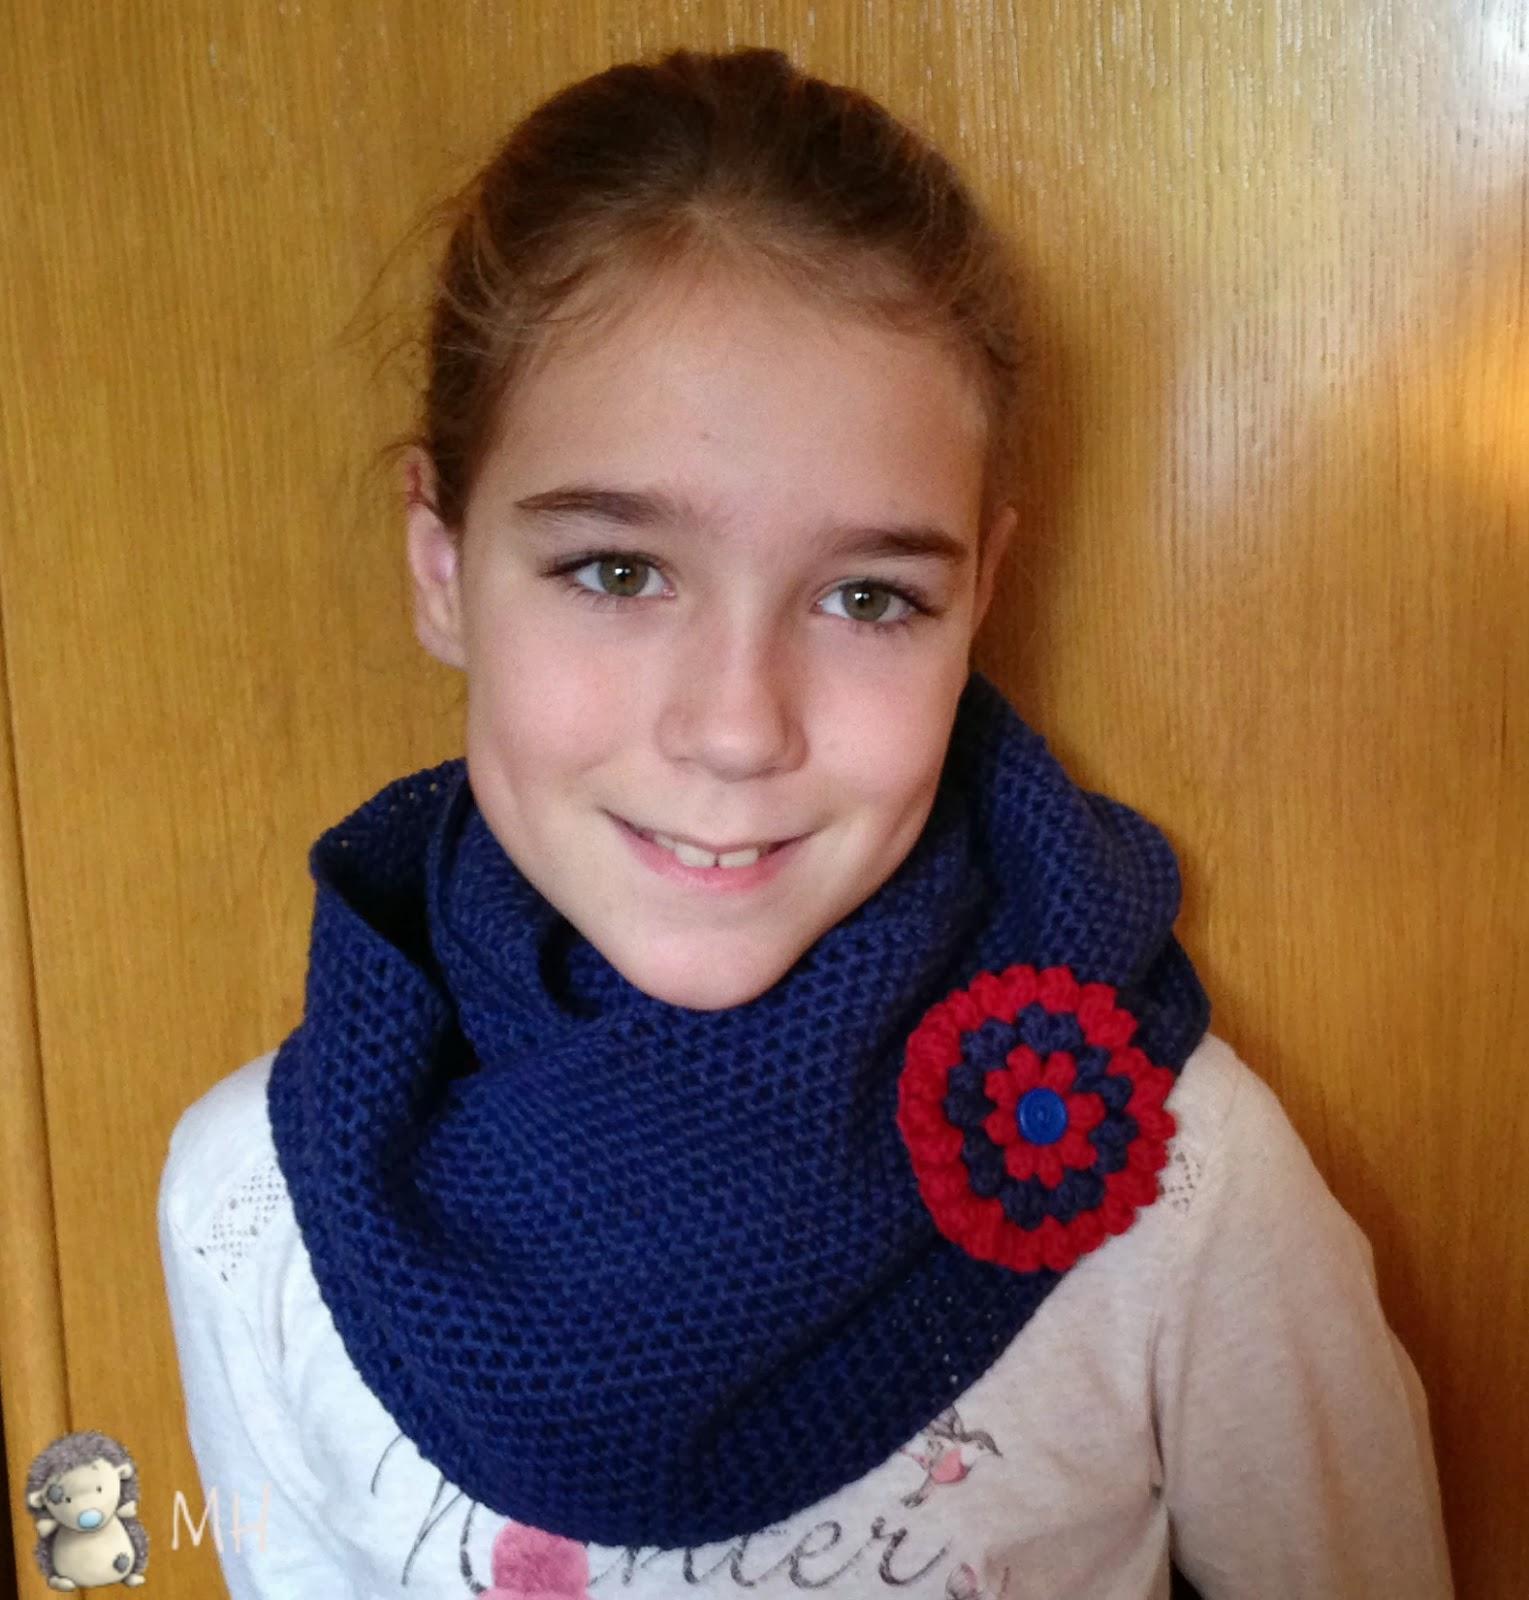 MADRES HIPERACTIVAS: manualidades y DIY con y para niños: Bufanda ...